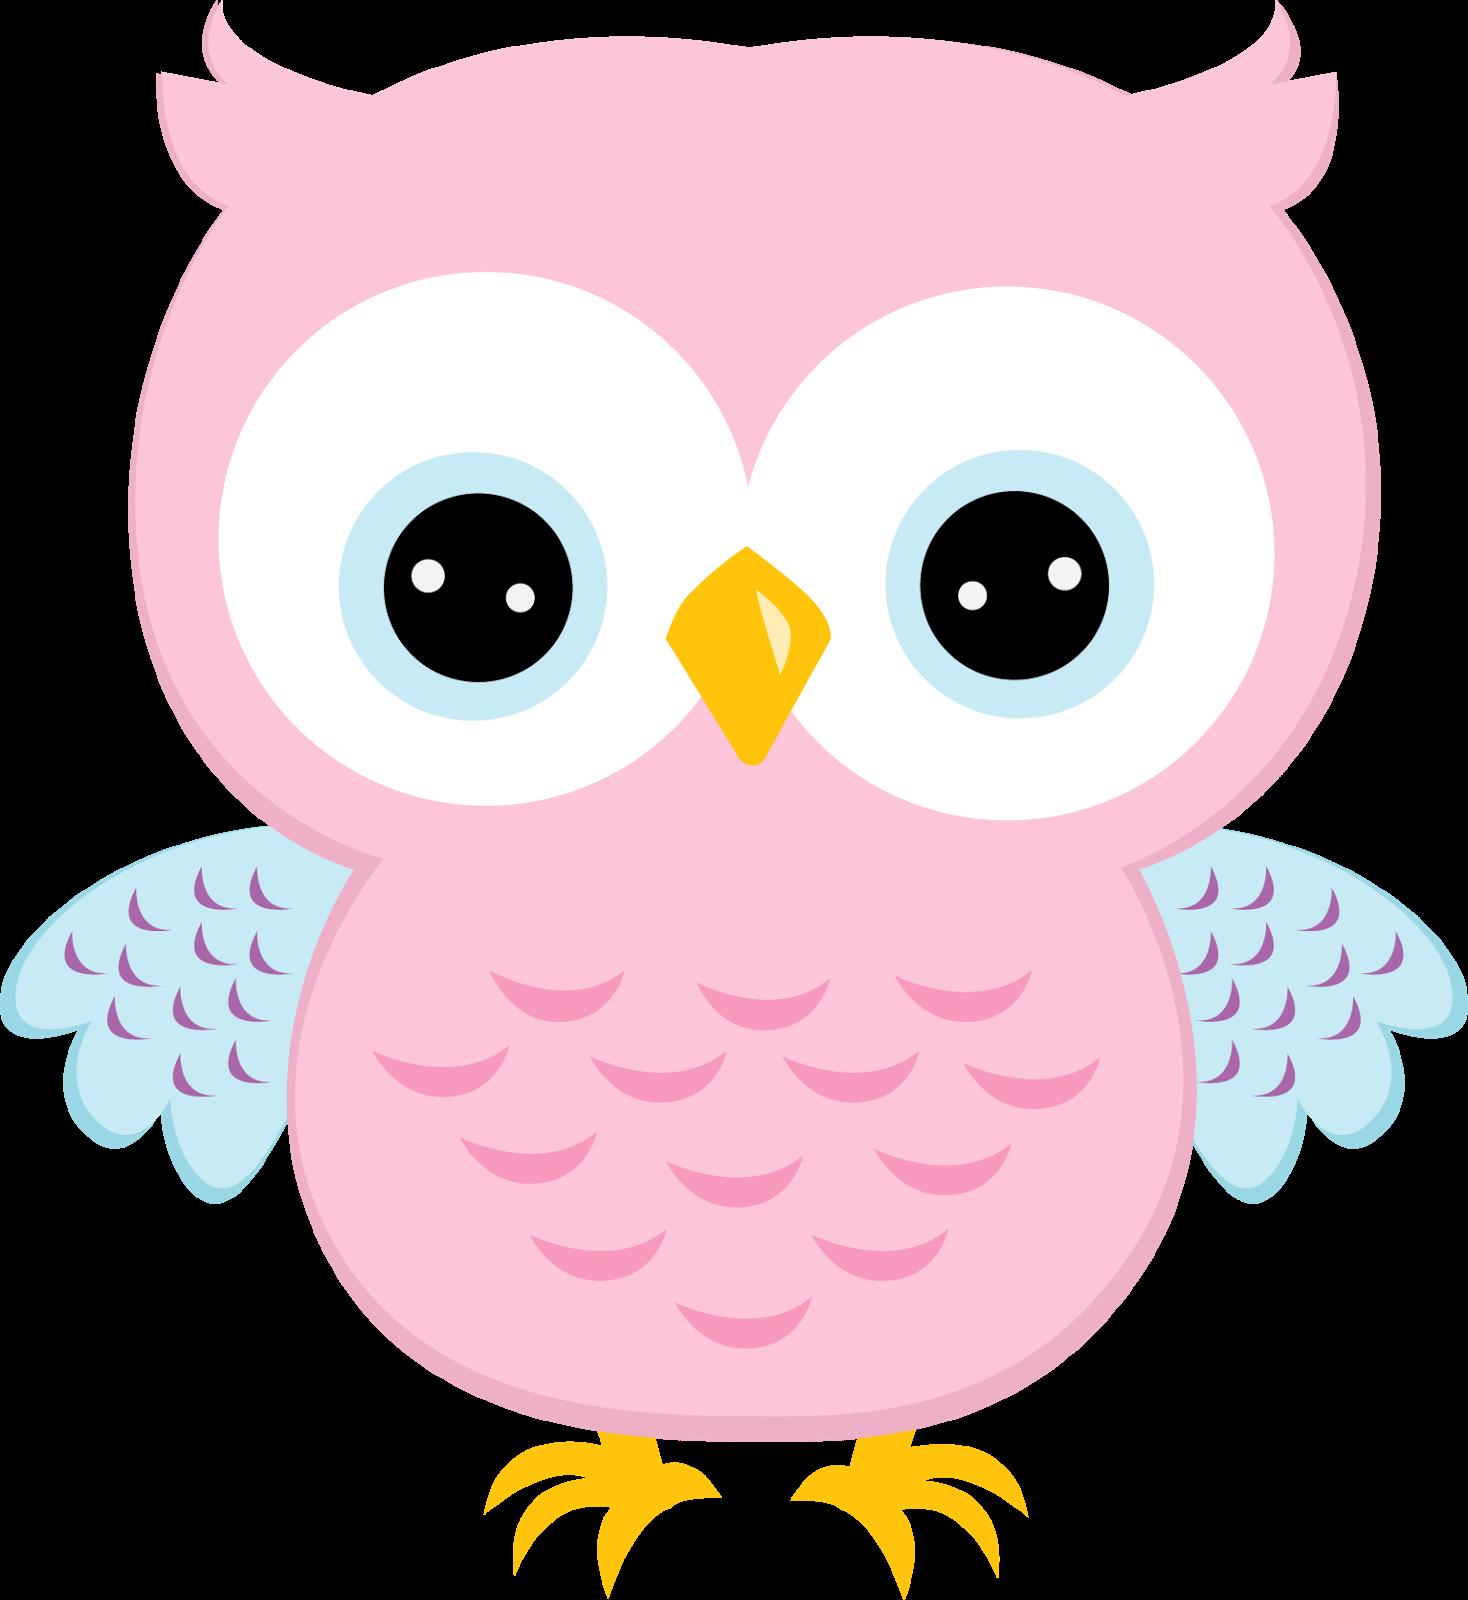 Owl heart clipart vector royalty free stock Gifs y Fondos PazenlaTormenta: IMÁGENES DE BÚHOS | фоны для скрапа ... vector royalty free stock